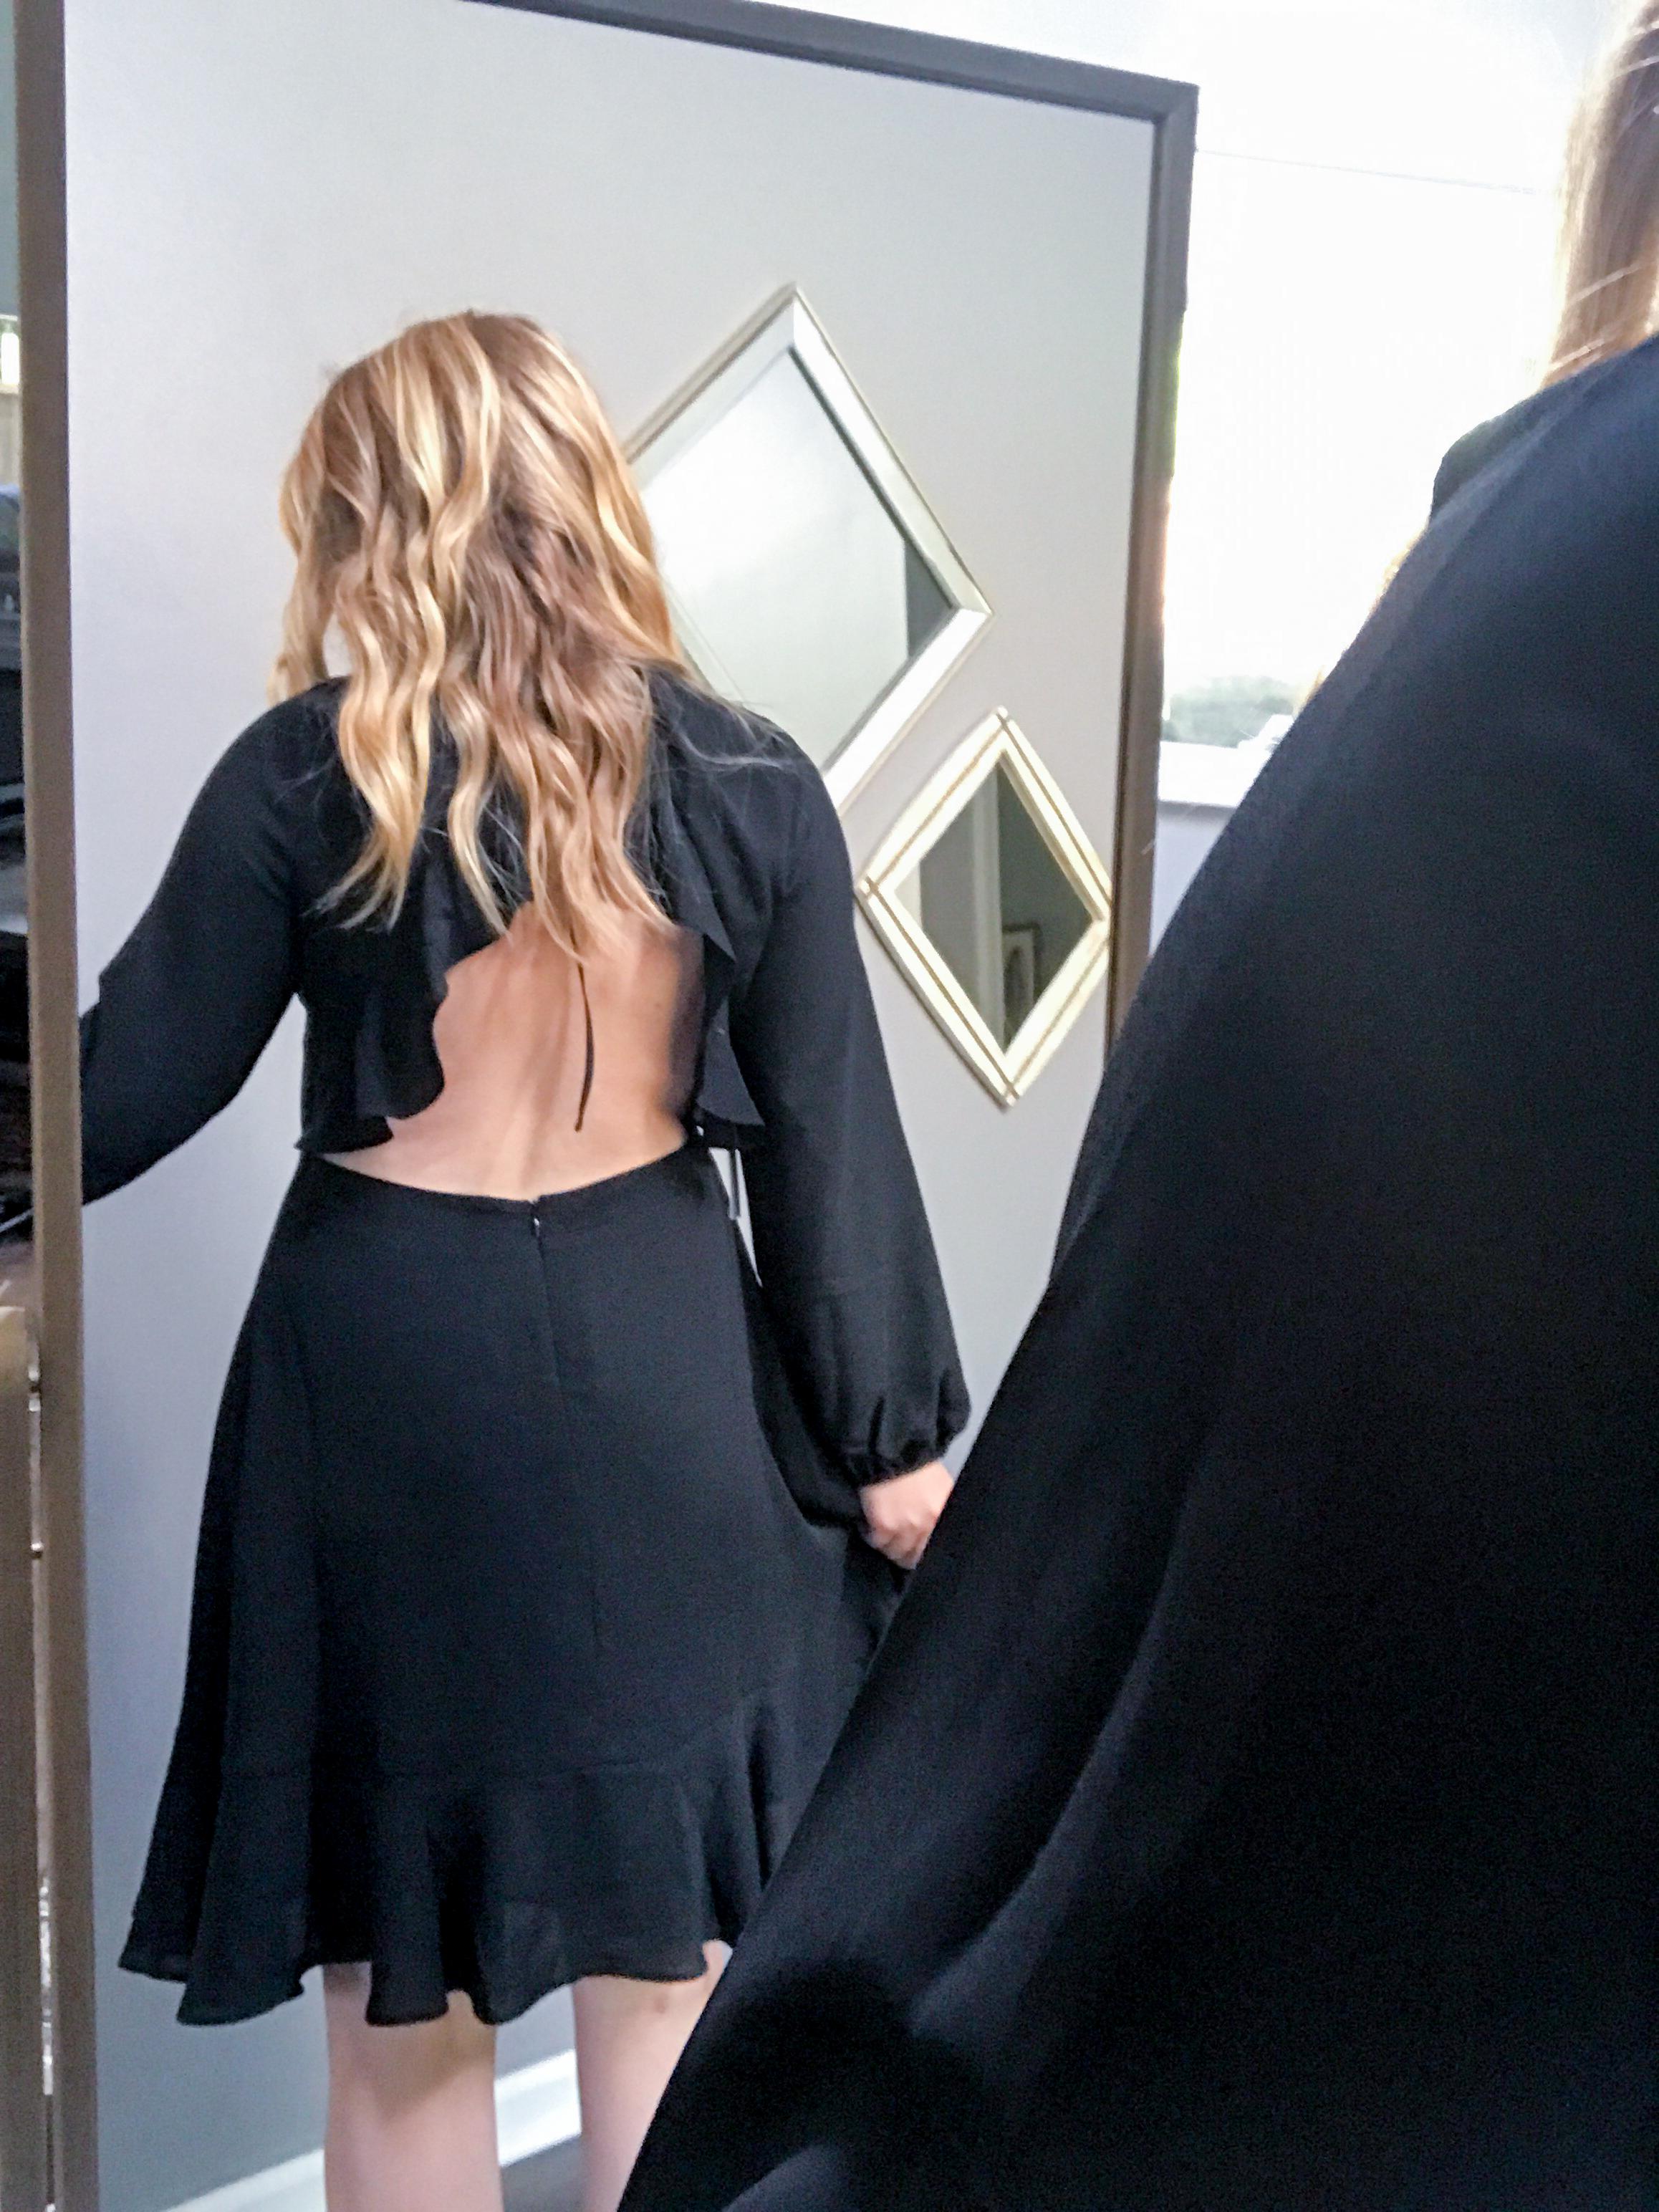 Maggie a la Mode - Chelsea28 Open Back Ruffle Dress